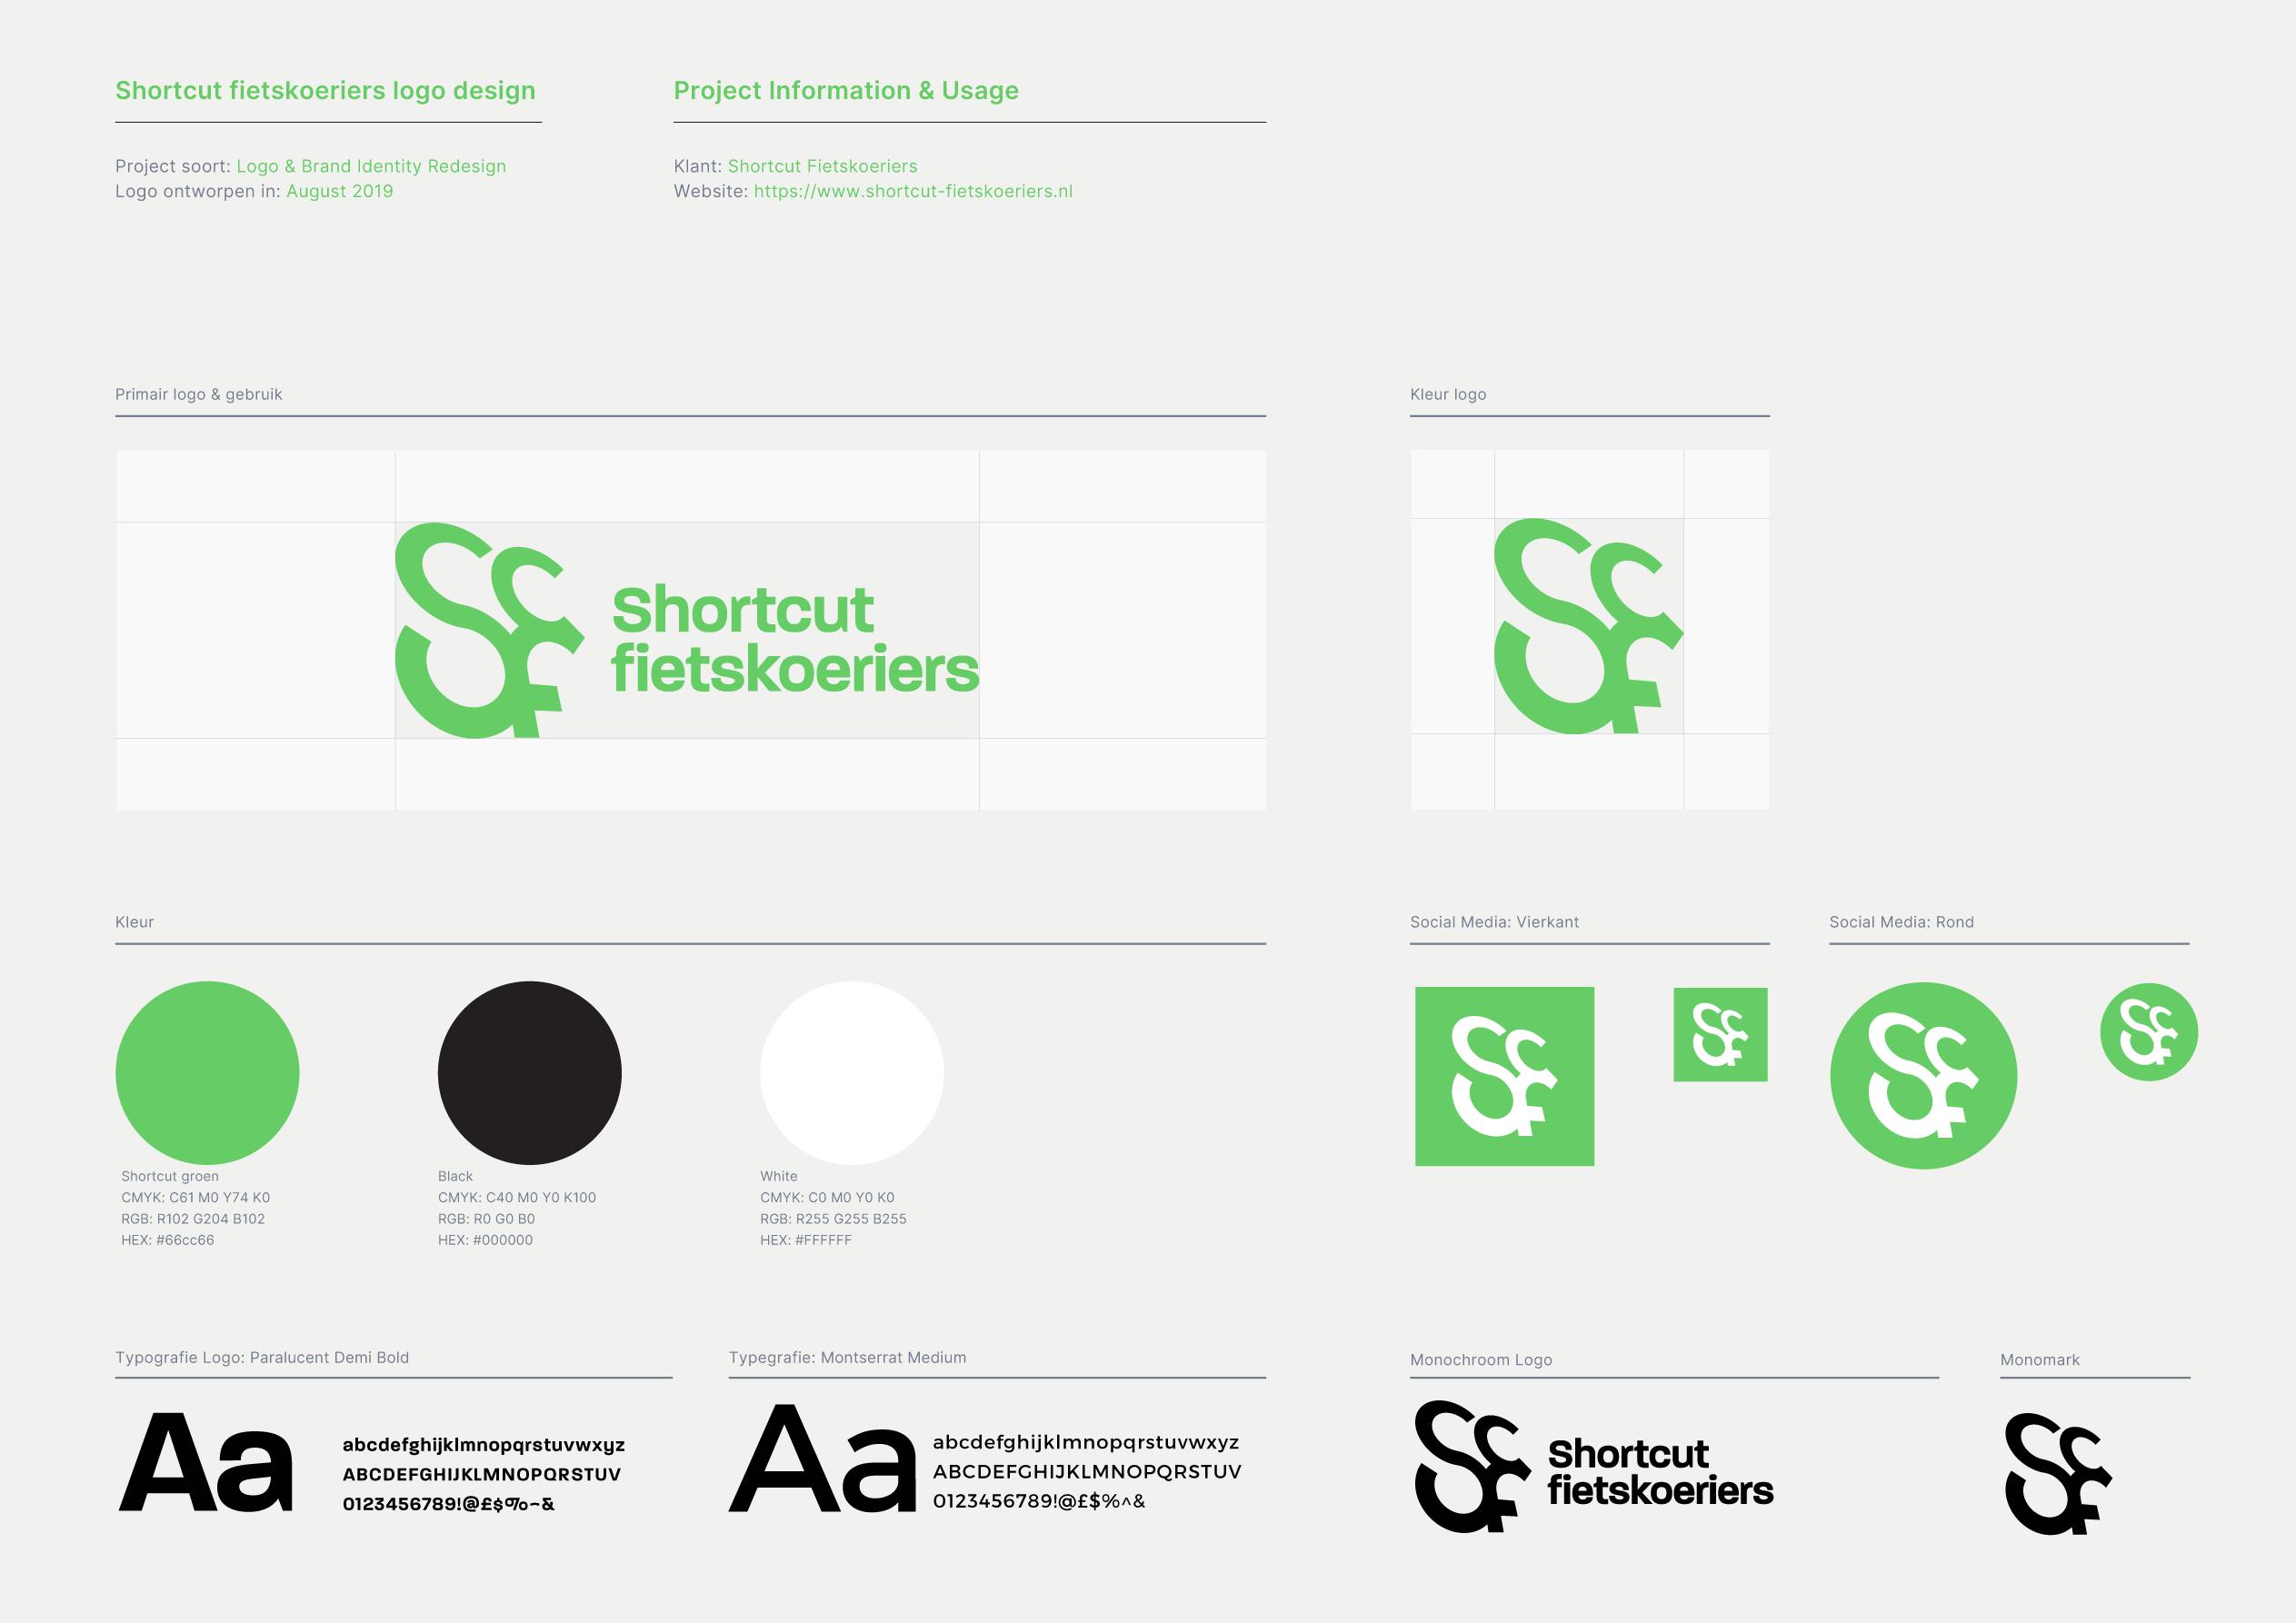 Pagina uit huisstijl handboek voor Shortcut Fietskoeriers over kleurgebruik, typografie en formaat